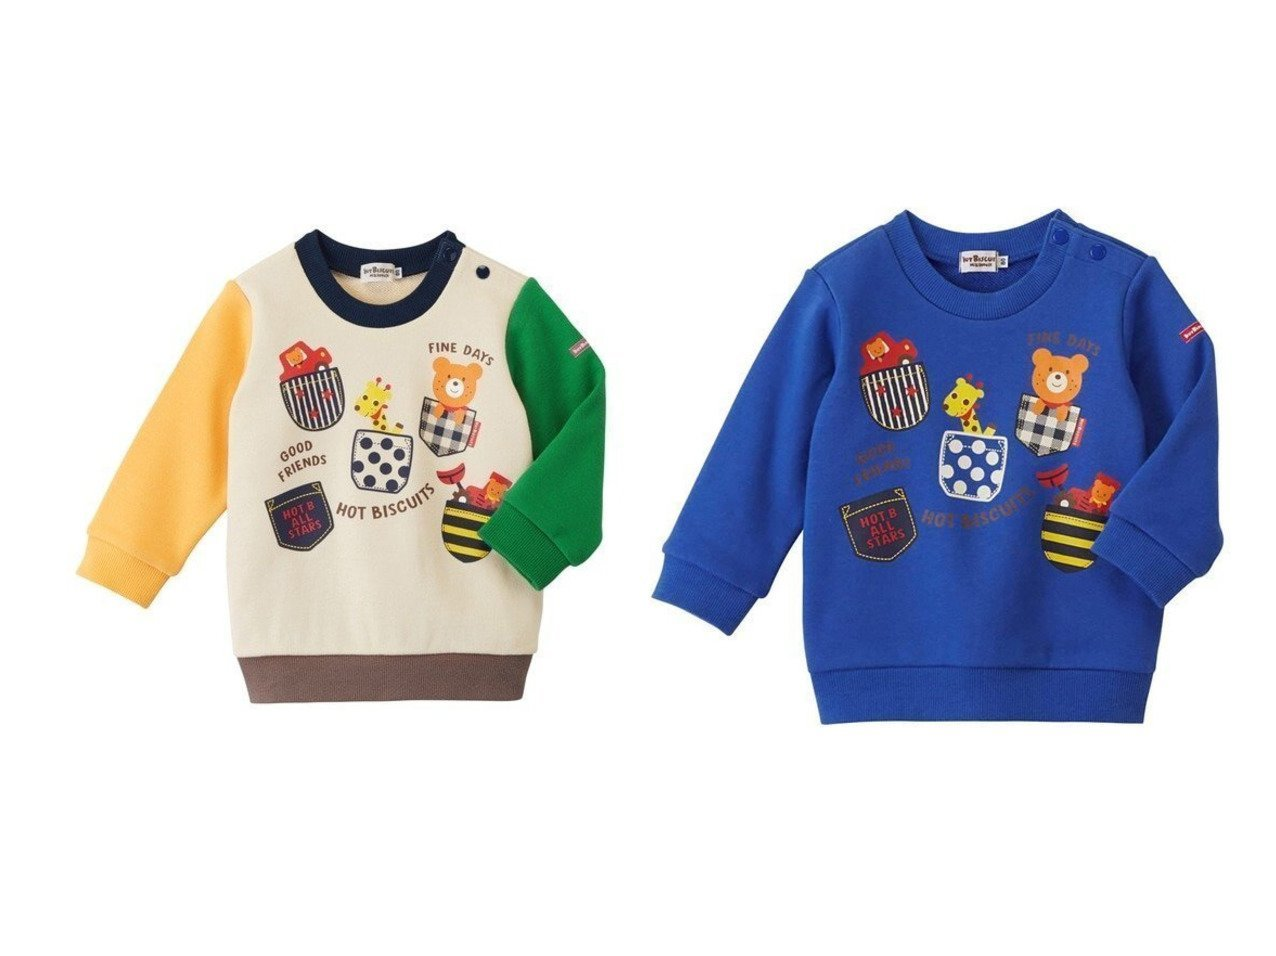 【MIKI HOUSE HOT BISCUITS / KIDS/ミキハウスホットビスケッツ】の【HOTBISCUITS】ポケットプリントトレーナー 【KIDS】子供服のおすすめ!人気トレンド・キッズファッションの通販 おすすめで人気の流行・トレンド、ファッションの通販商品 メンズファッション・キッズファッション・インテリア・家具・レディースファッション・服の通販 founy(ファニー) https://founy.com/ ファッション Fashion キッズファッション KIDS トップス Tops Tees Kids 送料無料 Free Shipping カラフル トレーナー プリント ポケット |ID:crp329100000013817